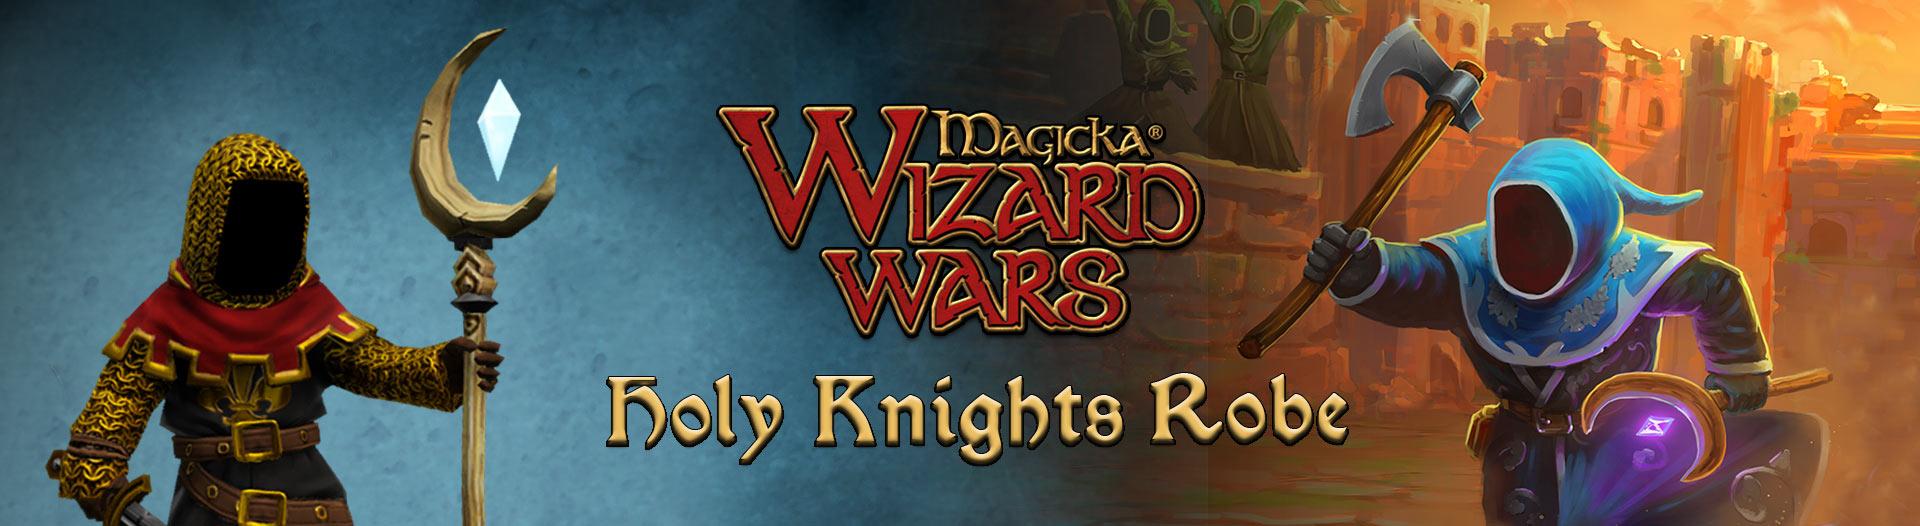 DLC Magicka: Wizard Wars - Holy Knights Robe gratuit sur PC (Dématérialisé)